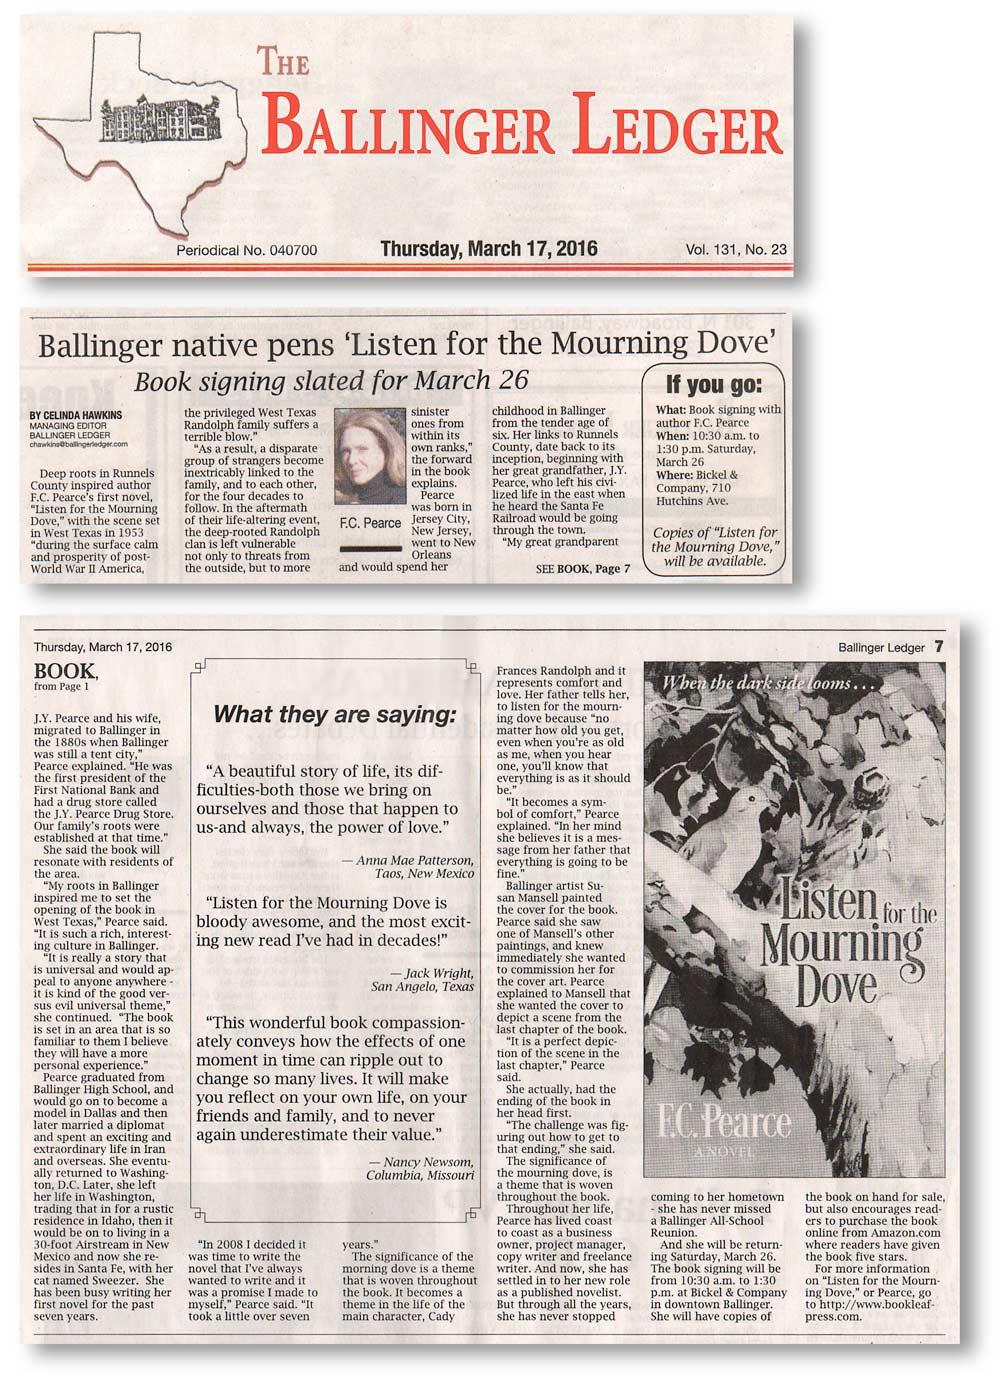 Ballinger-Ledger-article.jpg